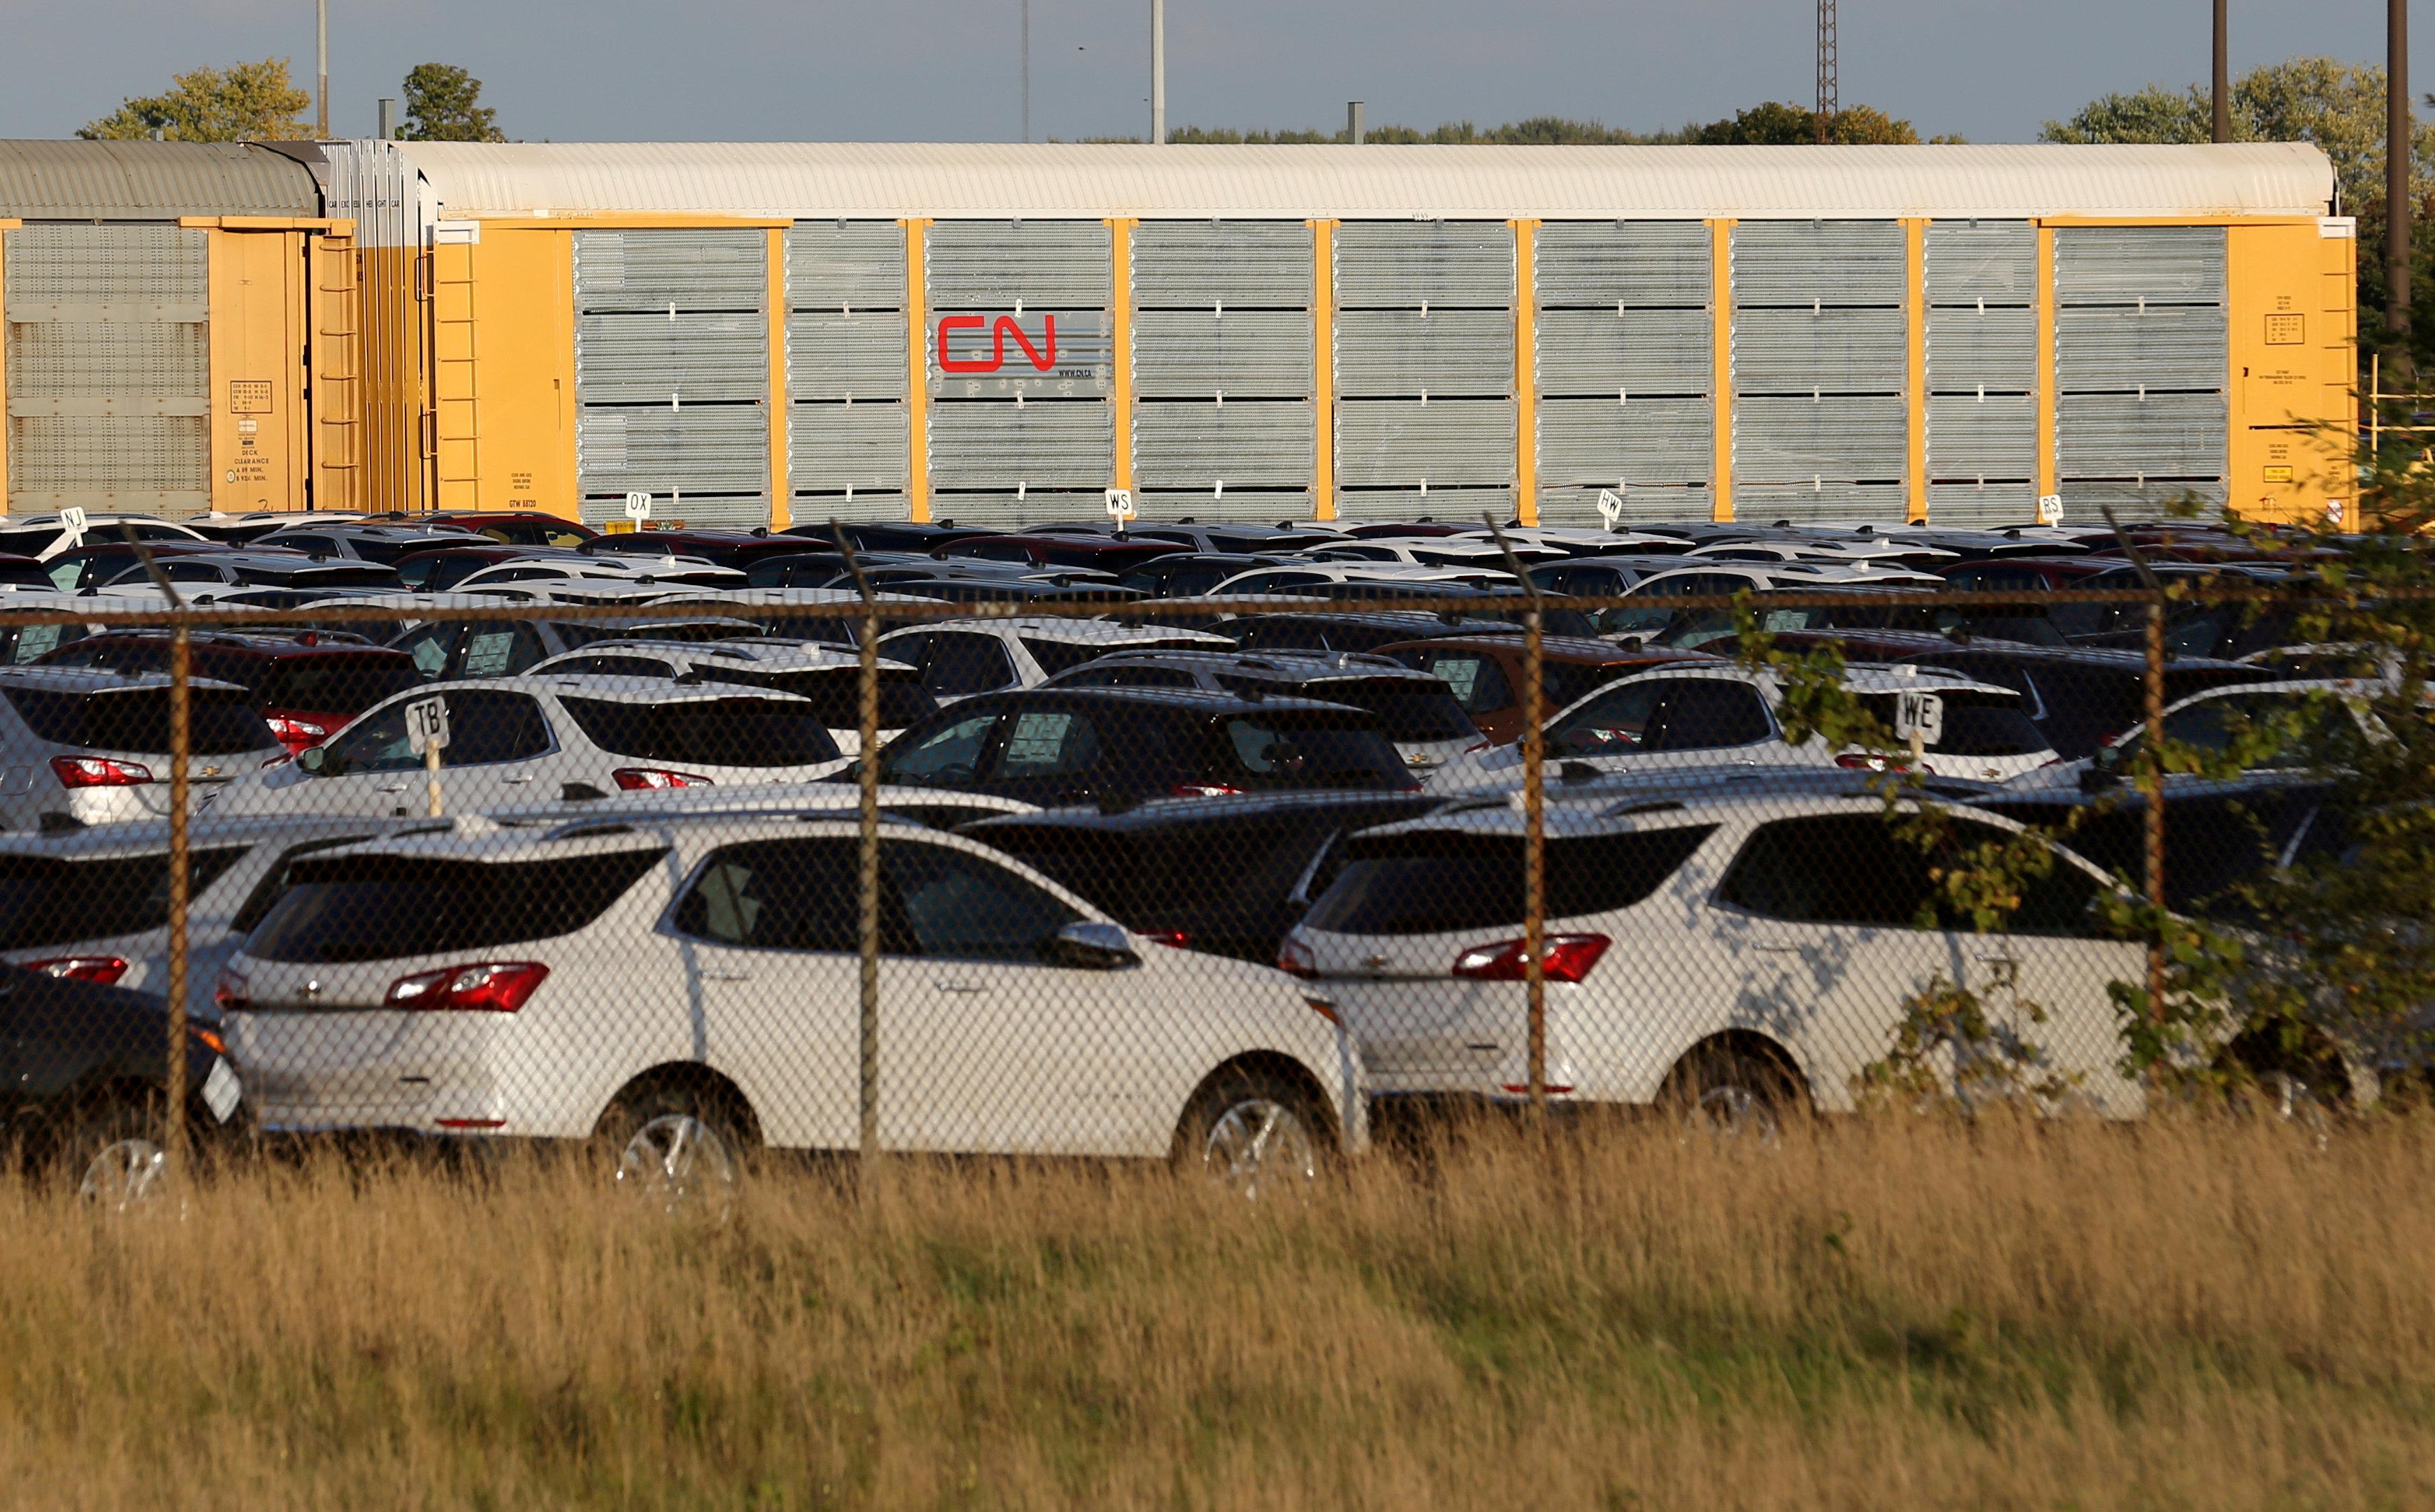 Chevrolet Equinox SUVs in Canada